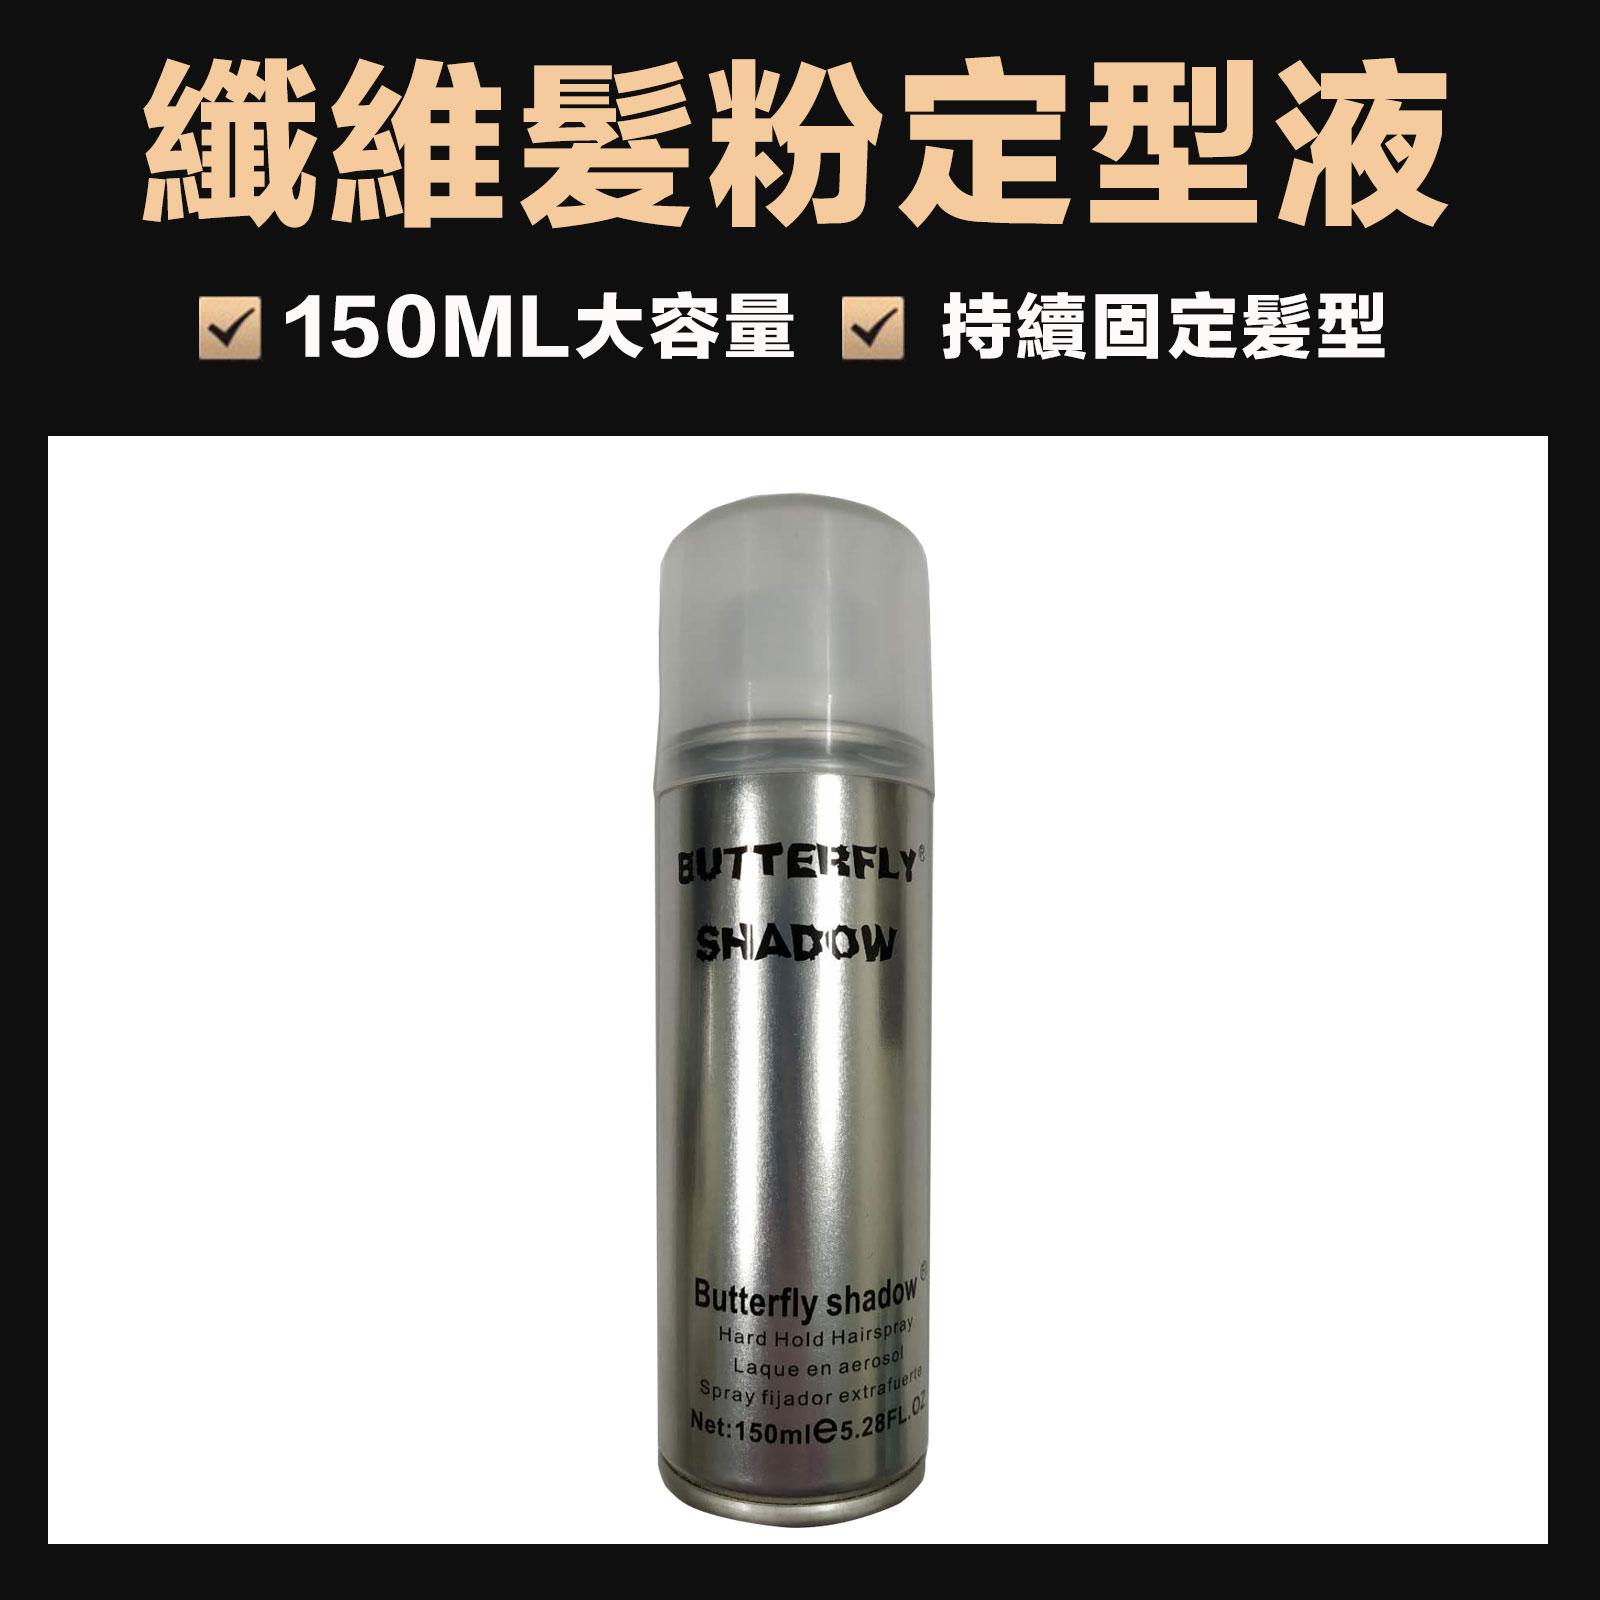 纖維髮粉 專用定型液 下標區150ML大容量 持續固定髮型 【KH59】☆雙兒網☆ - 限時優惠好康折扣